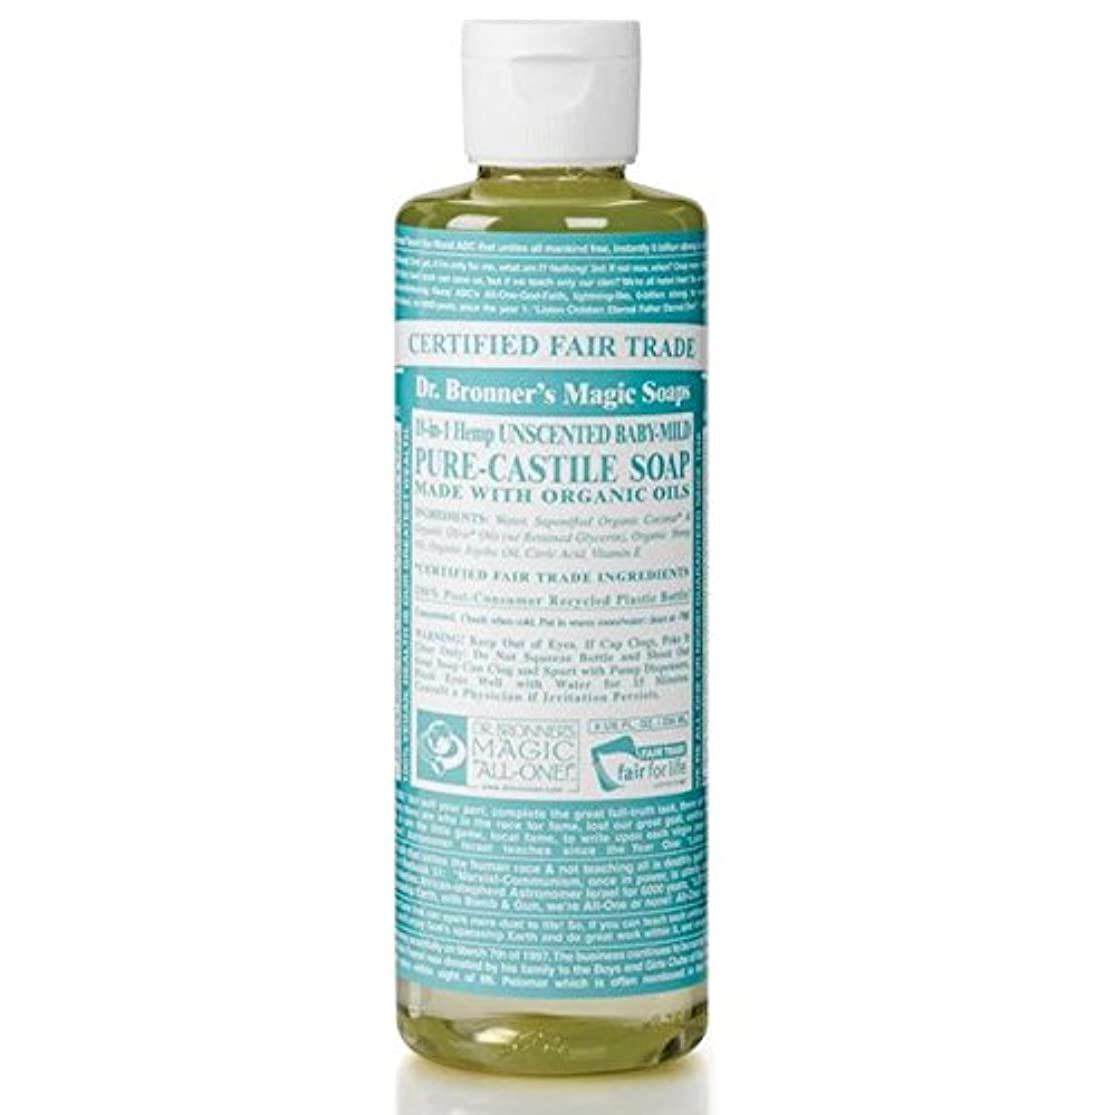 微生物める管理者のブロナーオーガニックベビーマイルドなキャスト液体石鹸237ミリリットル x2 - Dr Bronner Organic Baby Mild Cast Liquid Soap 237ml (Pack of 2) [並行輸入品]